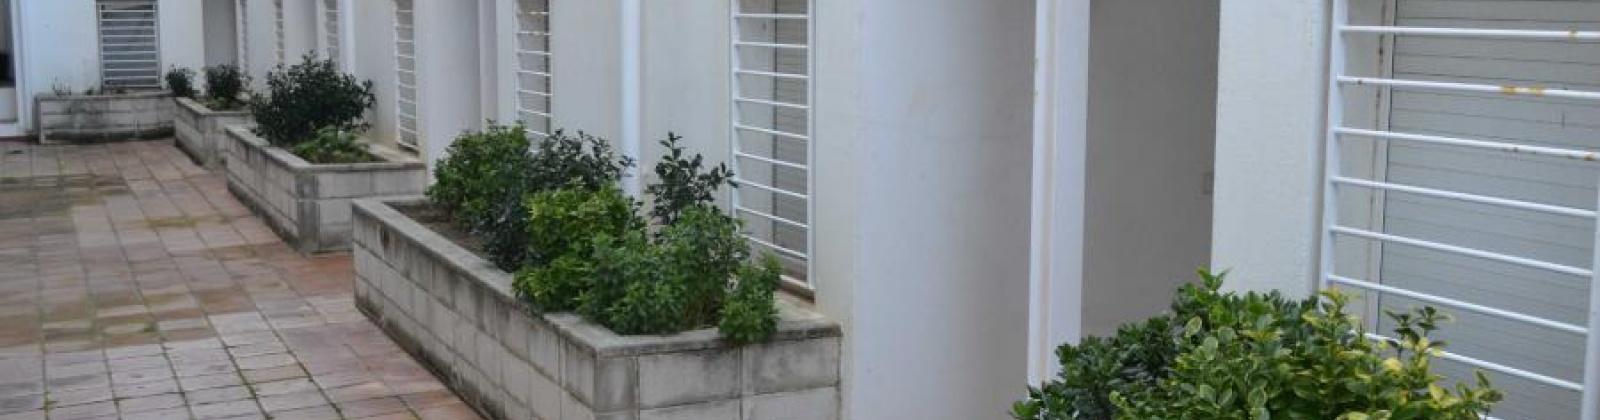 14 Roger de Flor,LLançà,Catalonia 17490,2 Bedrooms Bedrooms,1 BathroomBathrooms,Apartment,Roger de Flor,1007